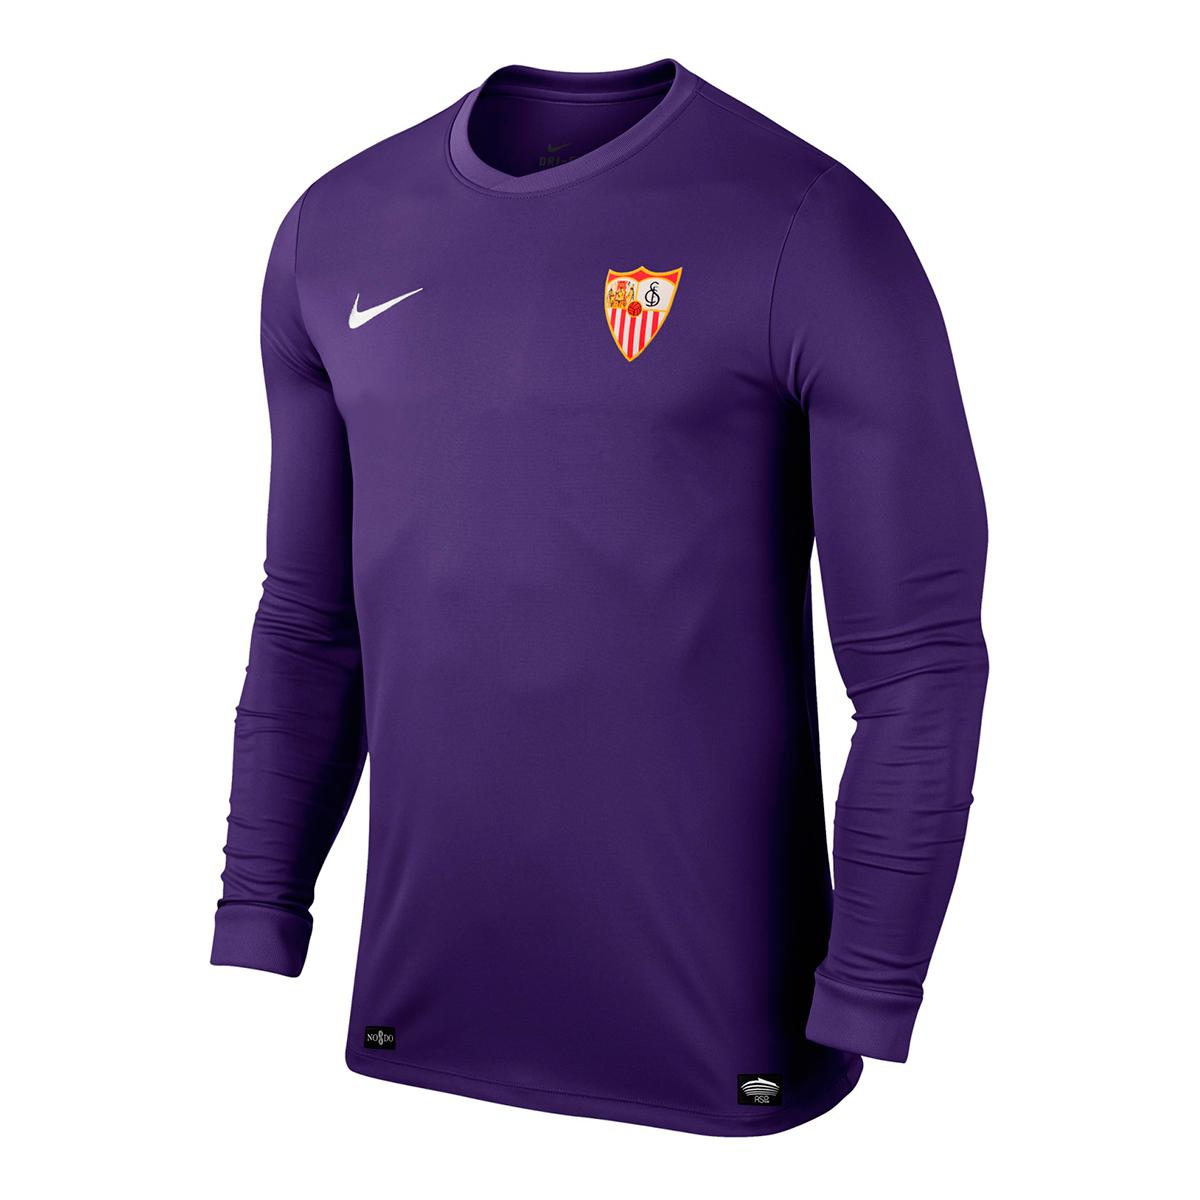 Maglia Nike Sevilla FC Primo completo 2019 2020 Bambino